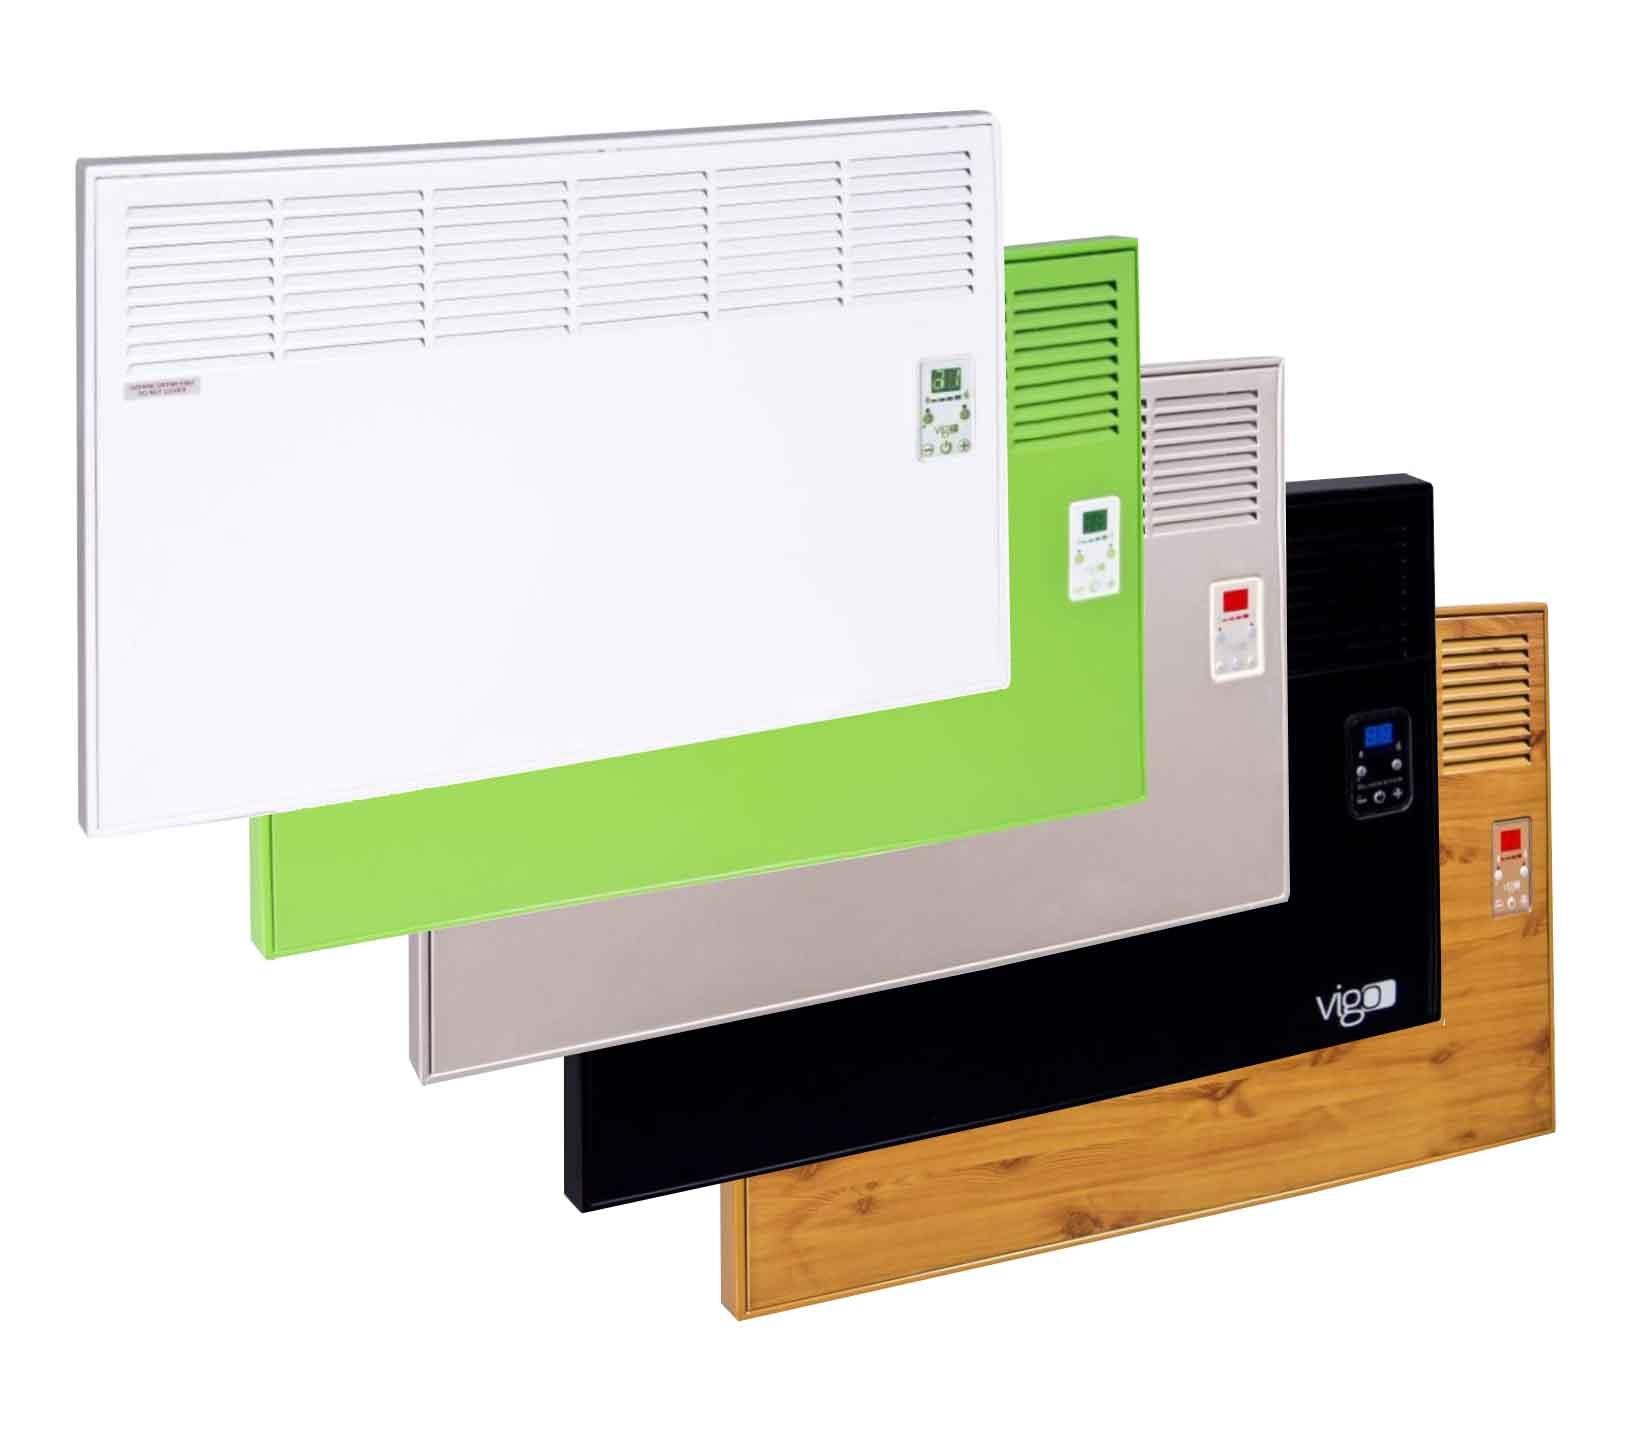 Vigo EPK 4570 E10 1000 W elektrický konvektor, Drevo